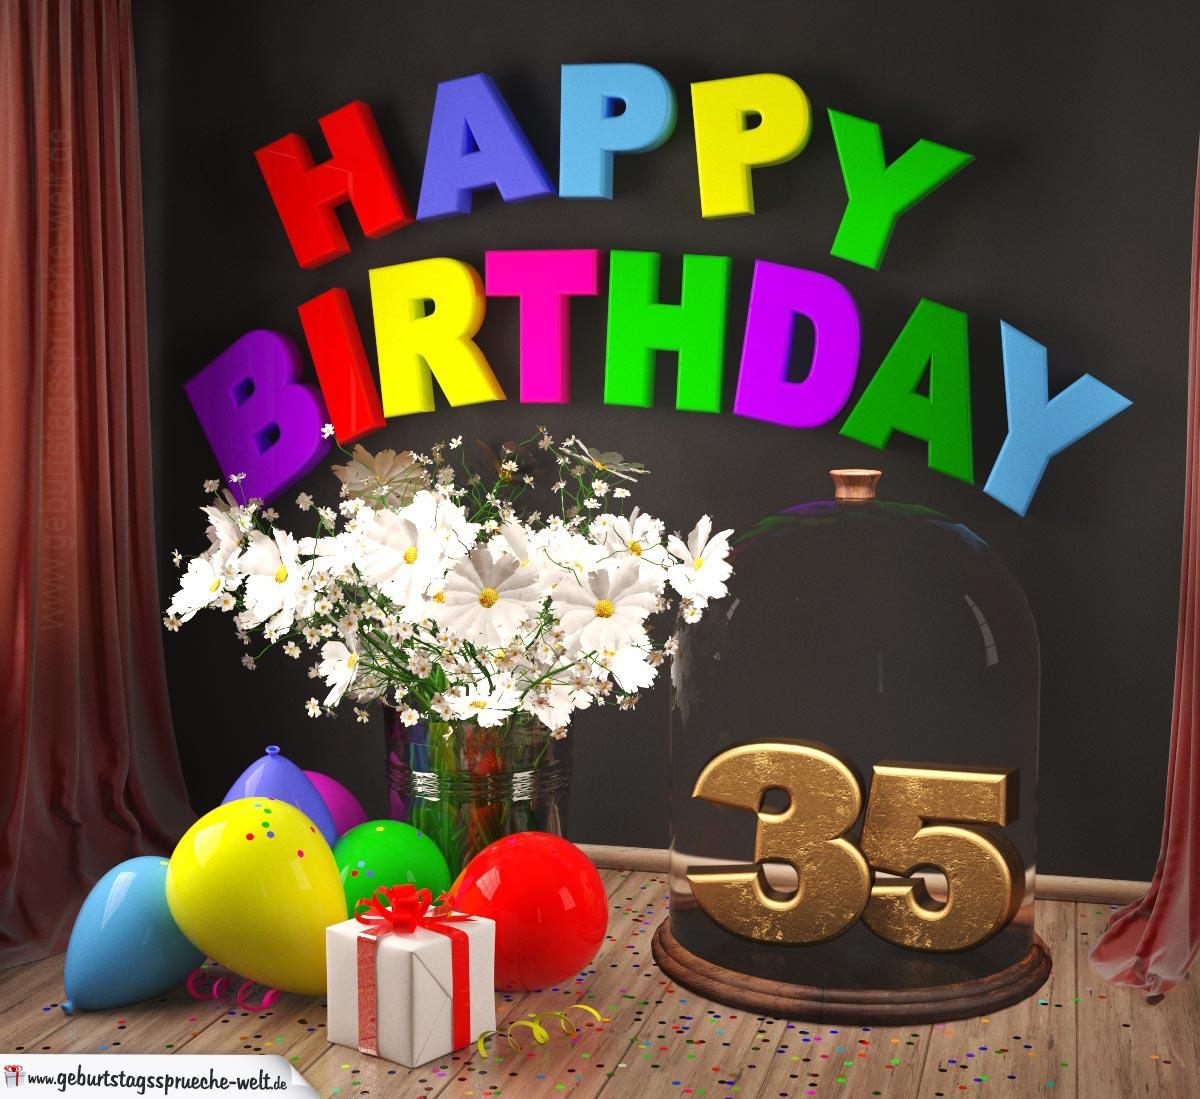 Happy Birthday 35 Jahre Glückwunschkarte mit Margeriten-Blumenstrauß, Luftballons und Geschenk unter Glasglocke